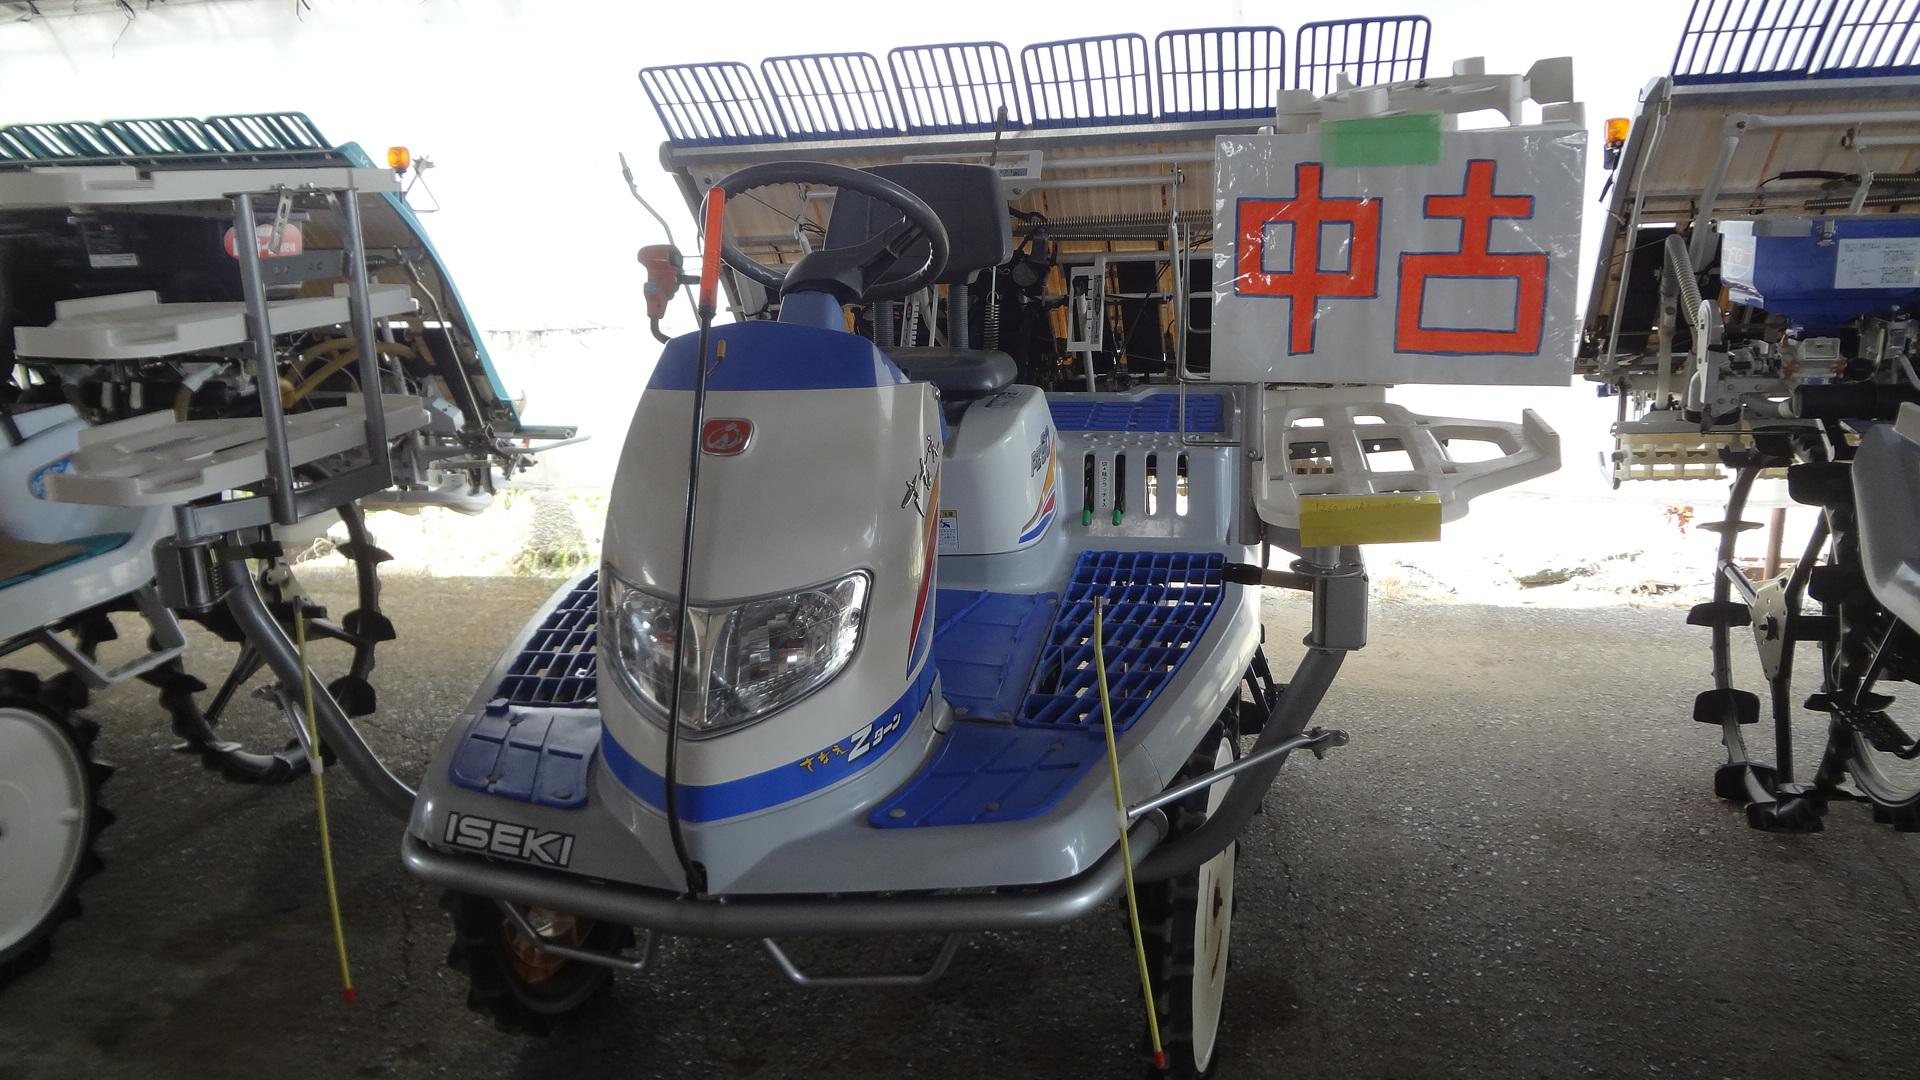 中古田植え機 イセキ 6条 PZ60HVRL 内付補助車輪付